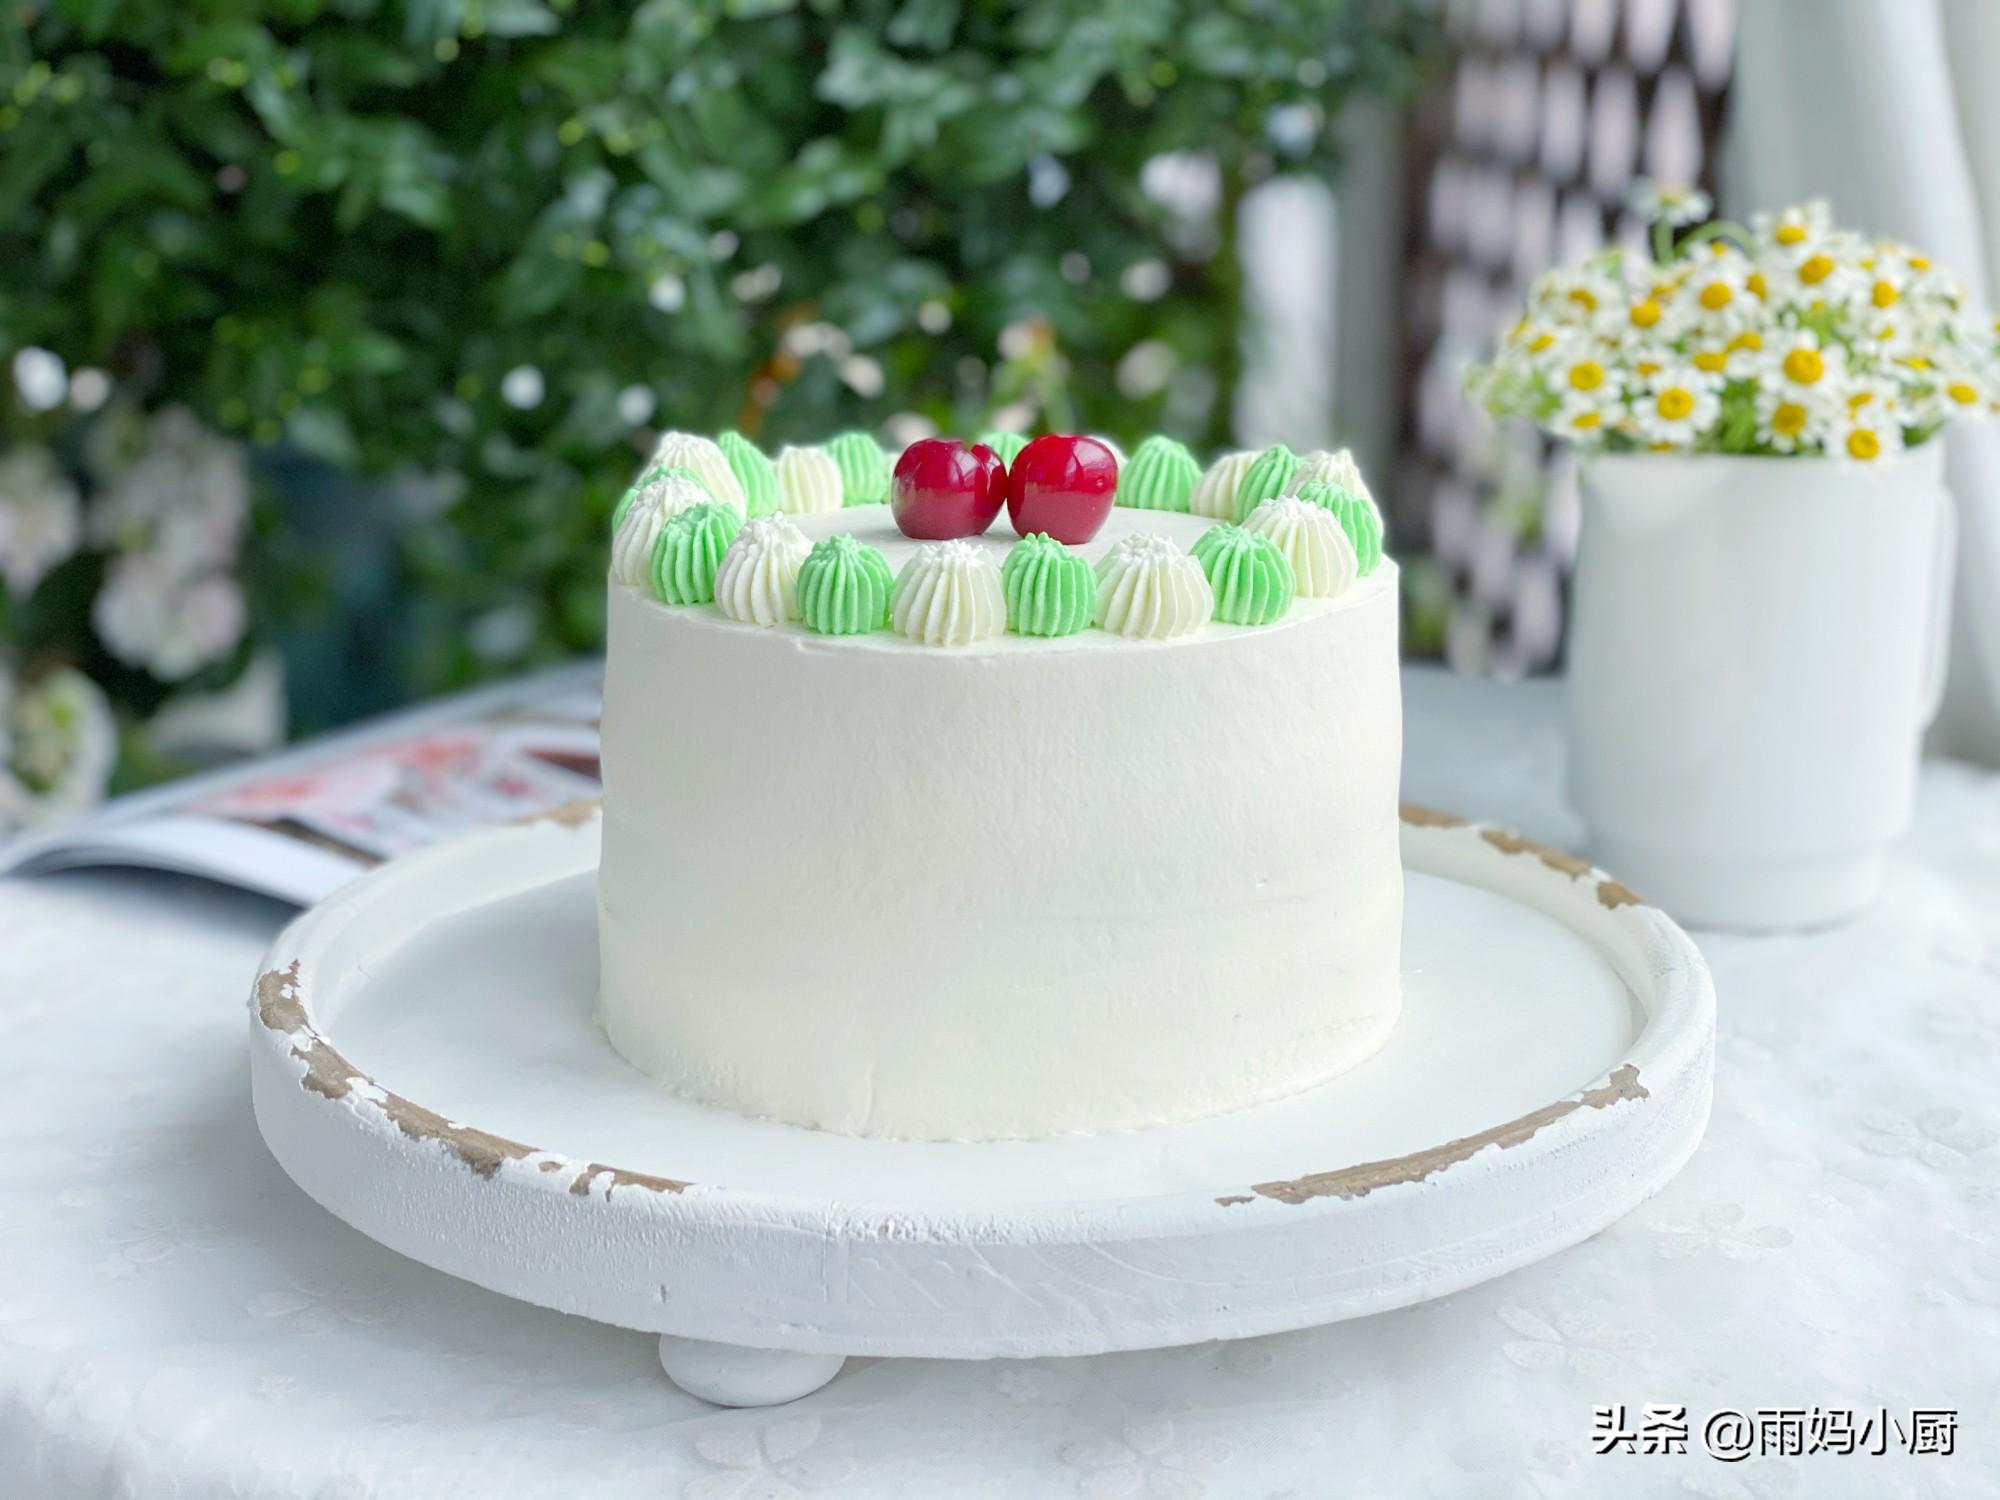 奶油蛋糕最詳盡的圖解步驟,做法簡單又詳細,學會了蛋糕不用買了